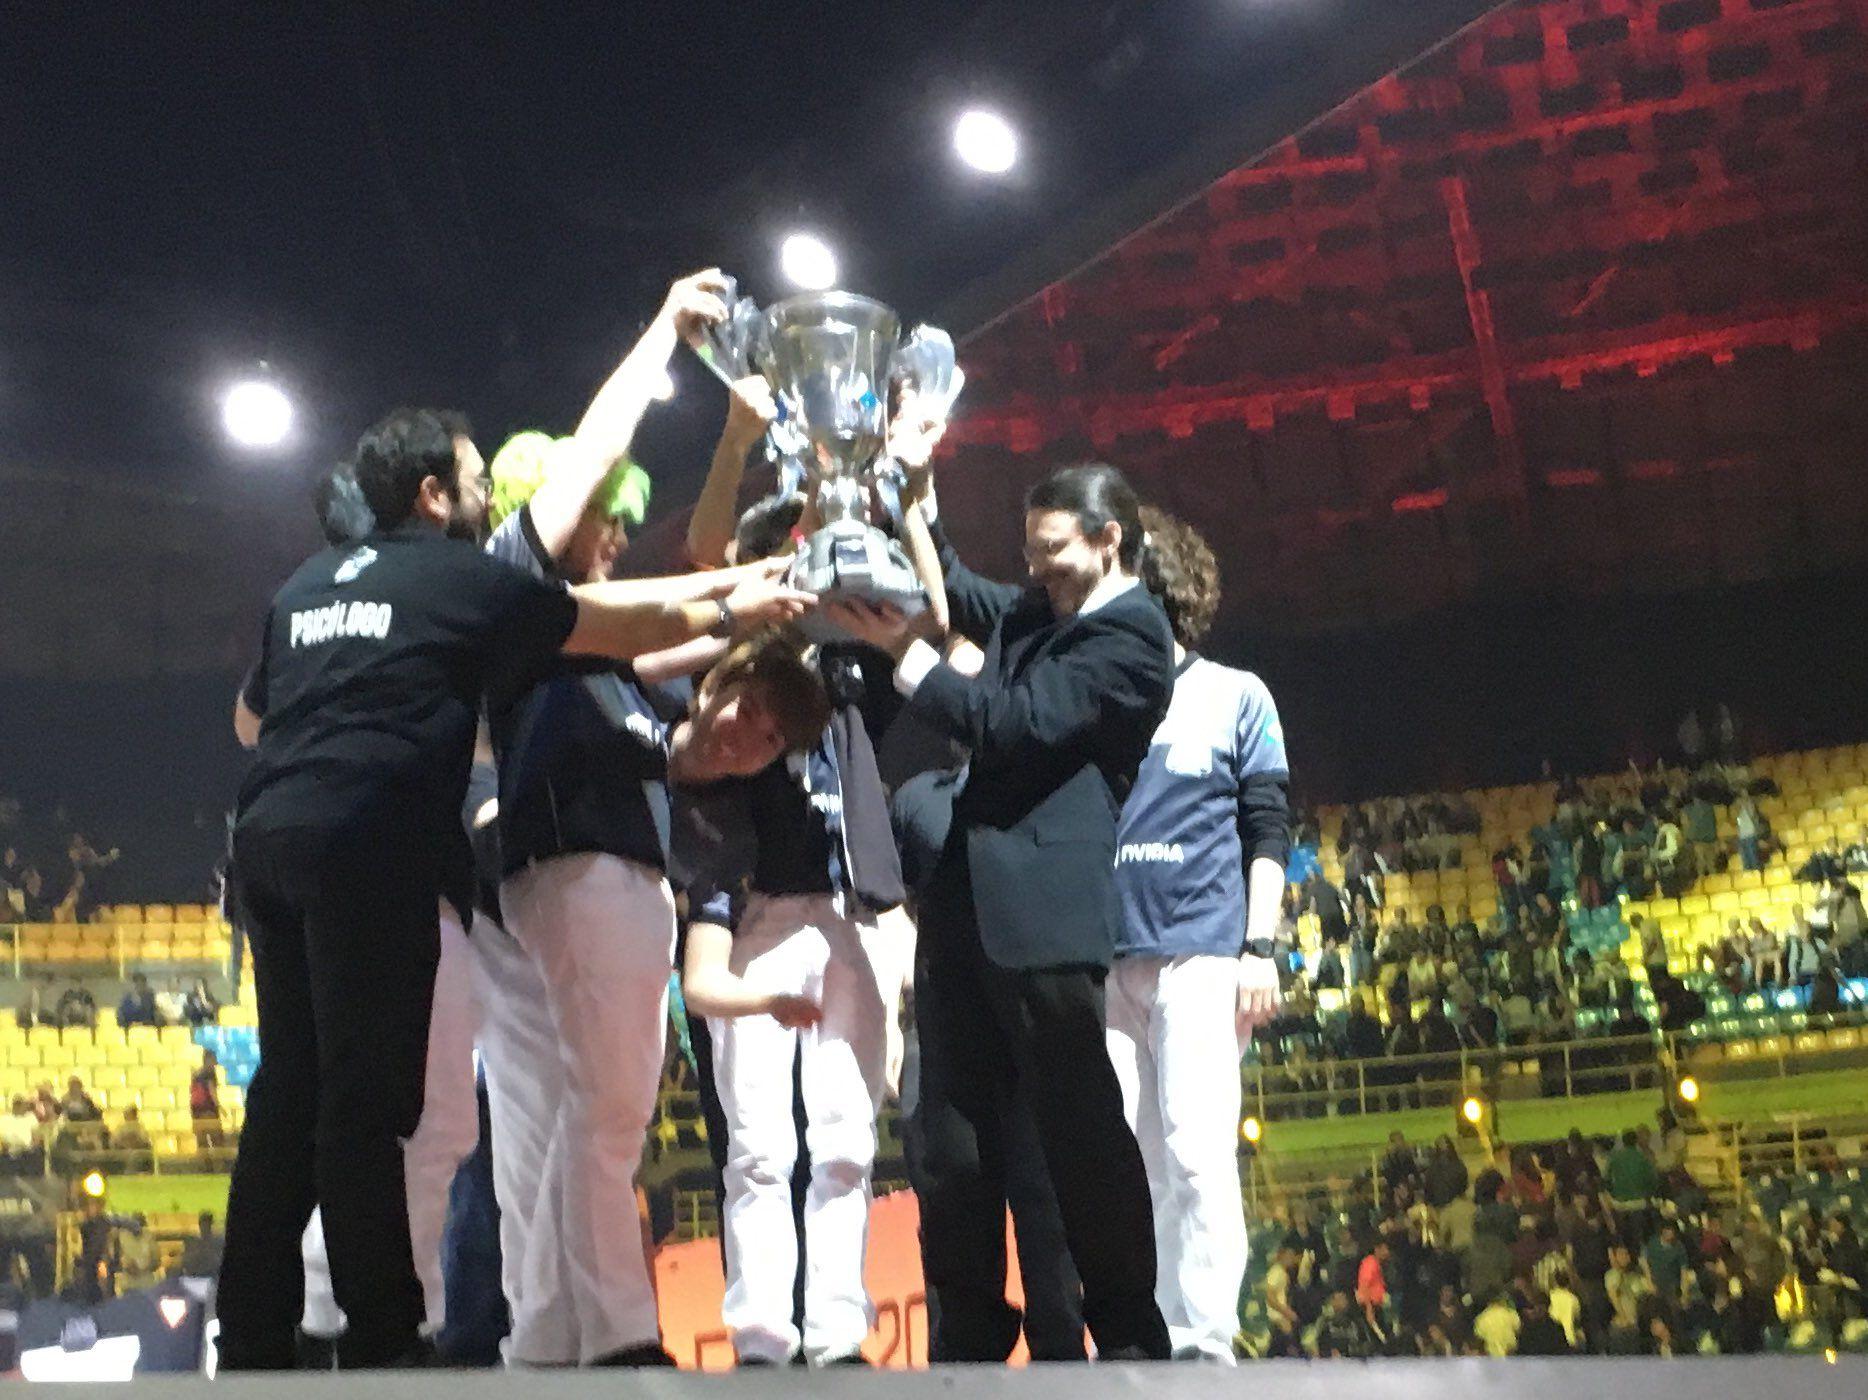 INTZ conquista título inédito brasileiro e varre cenário de League of Legends #sportv